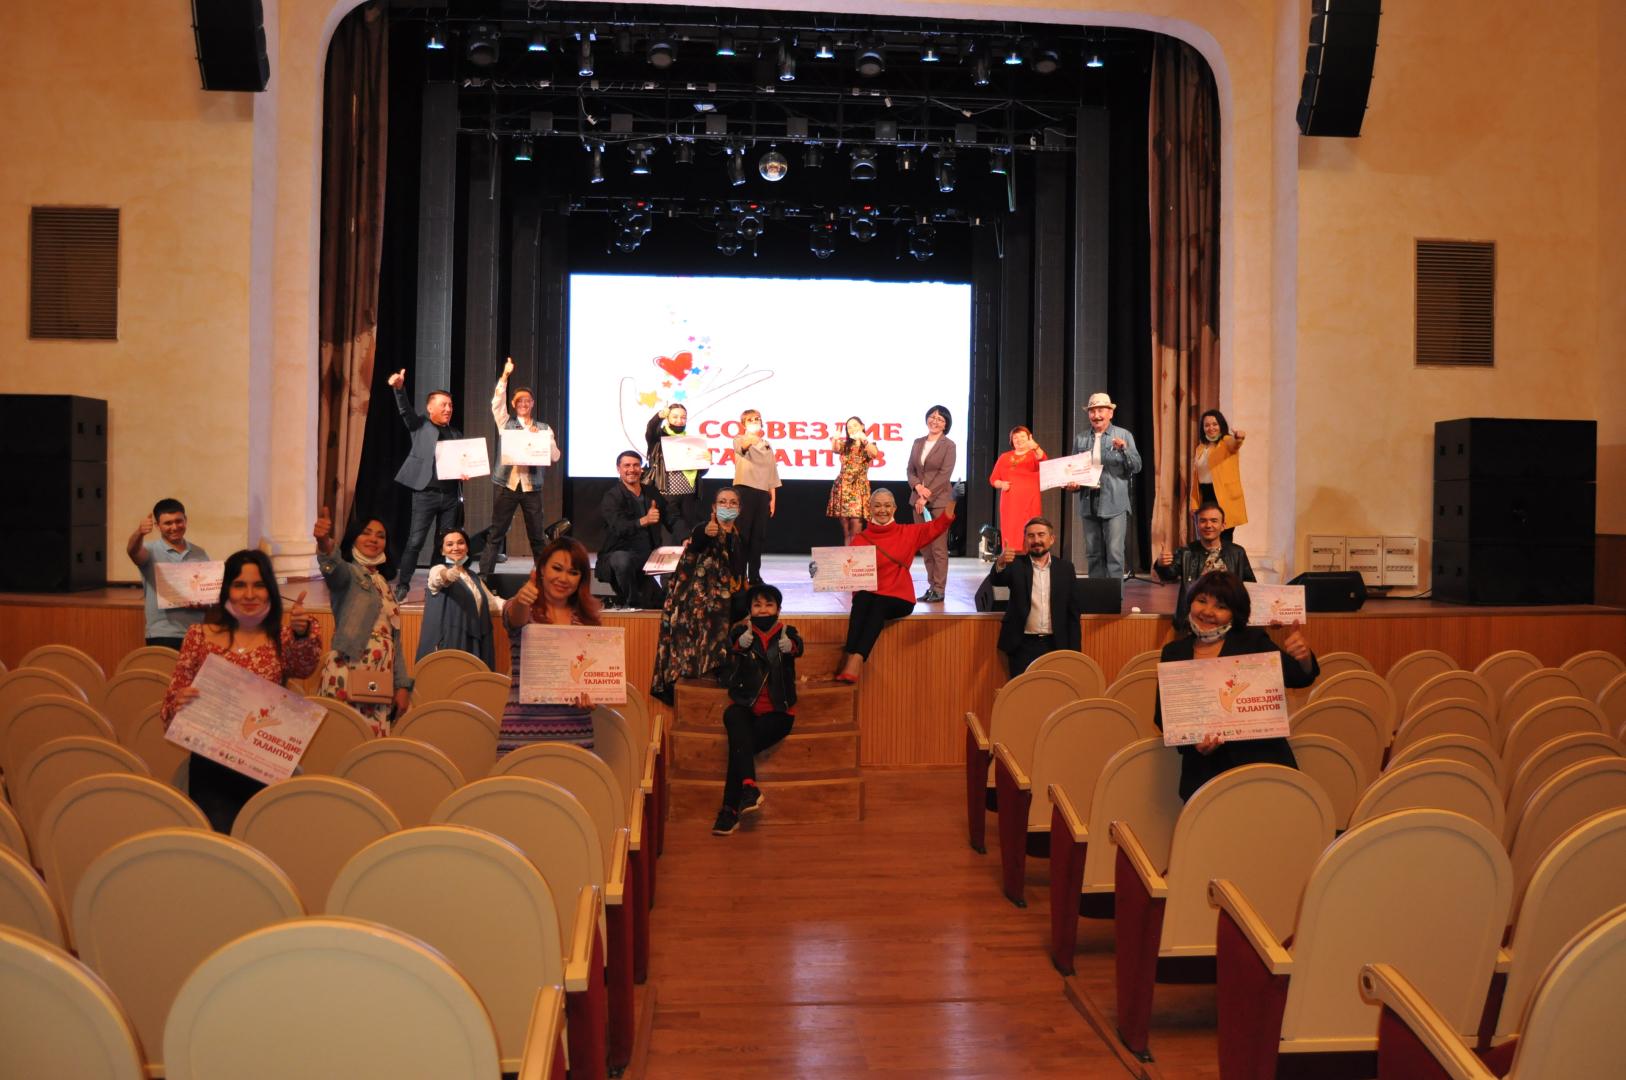 Башгосфилармония  зажигает «Созвездие талантов»